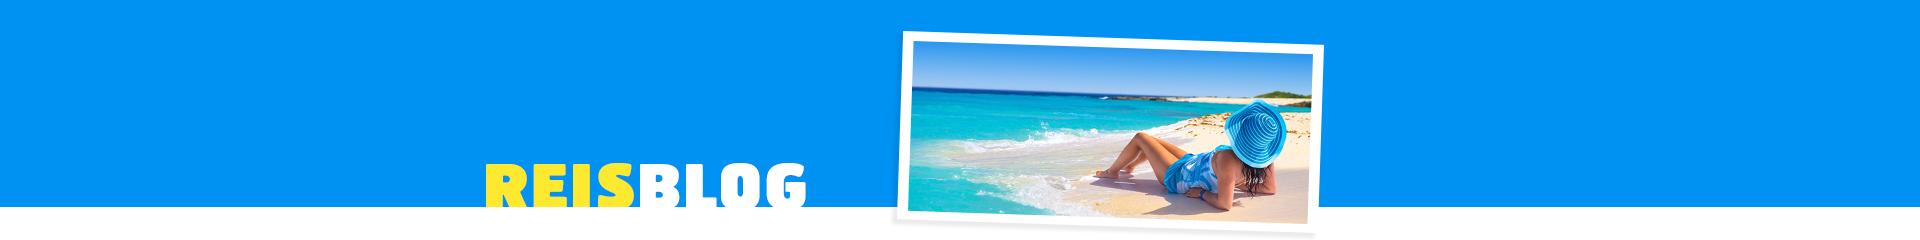 Vrouw ligt op het witte strand, uitkijkend naar de prachtige azuurblauwe zee.